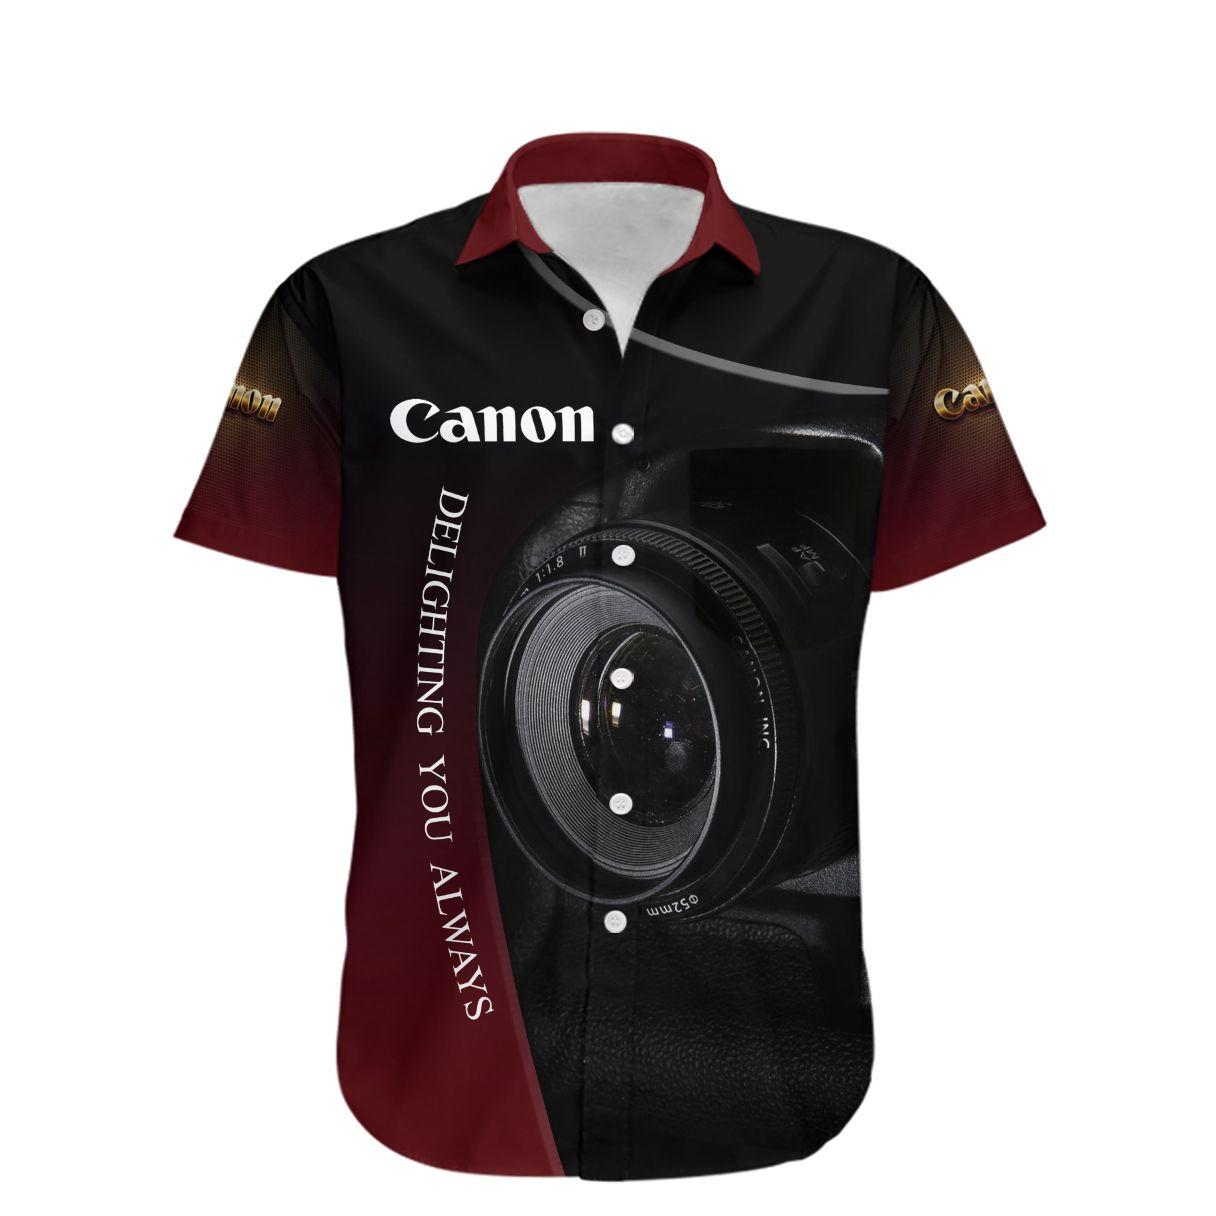 Canon delighting you always Hawaiian Shirt